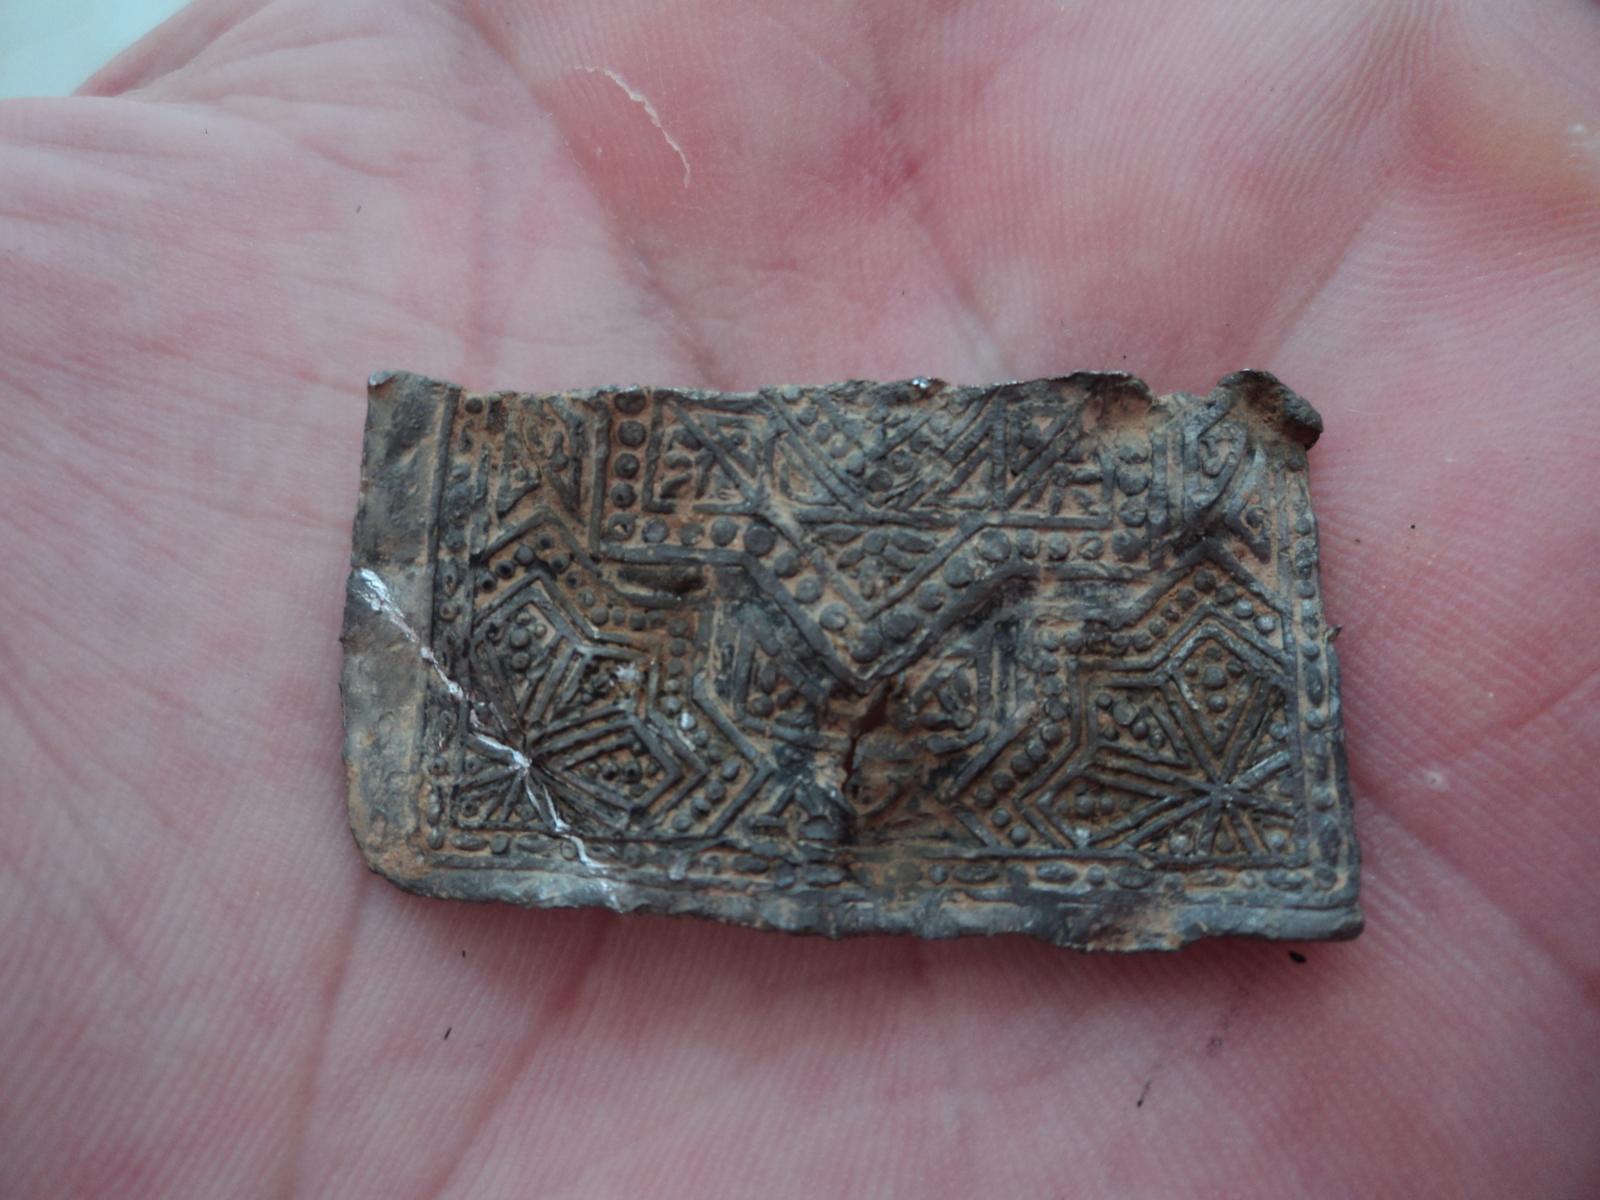 ¿Plaqueta de amuleto árabe o moderno? T63xat